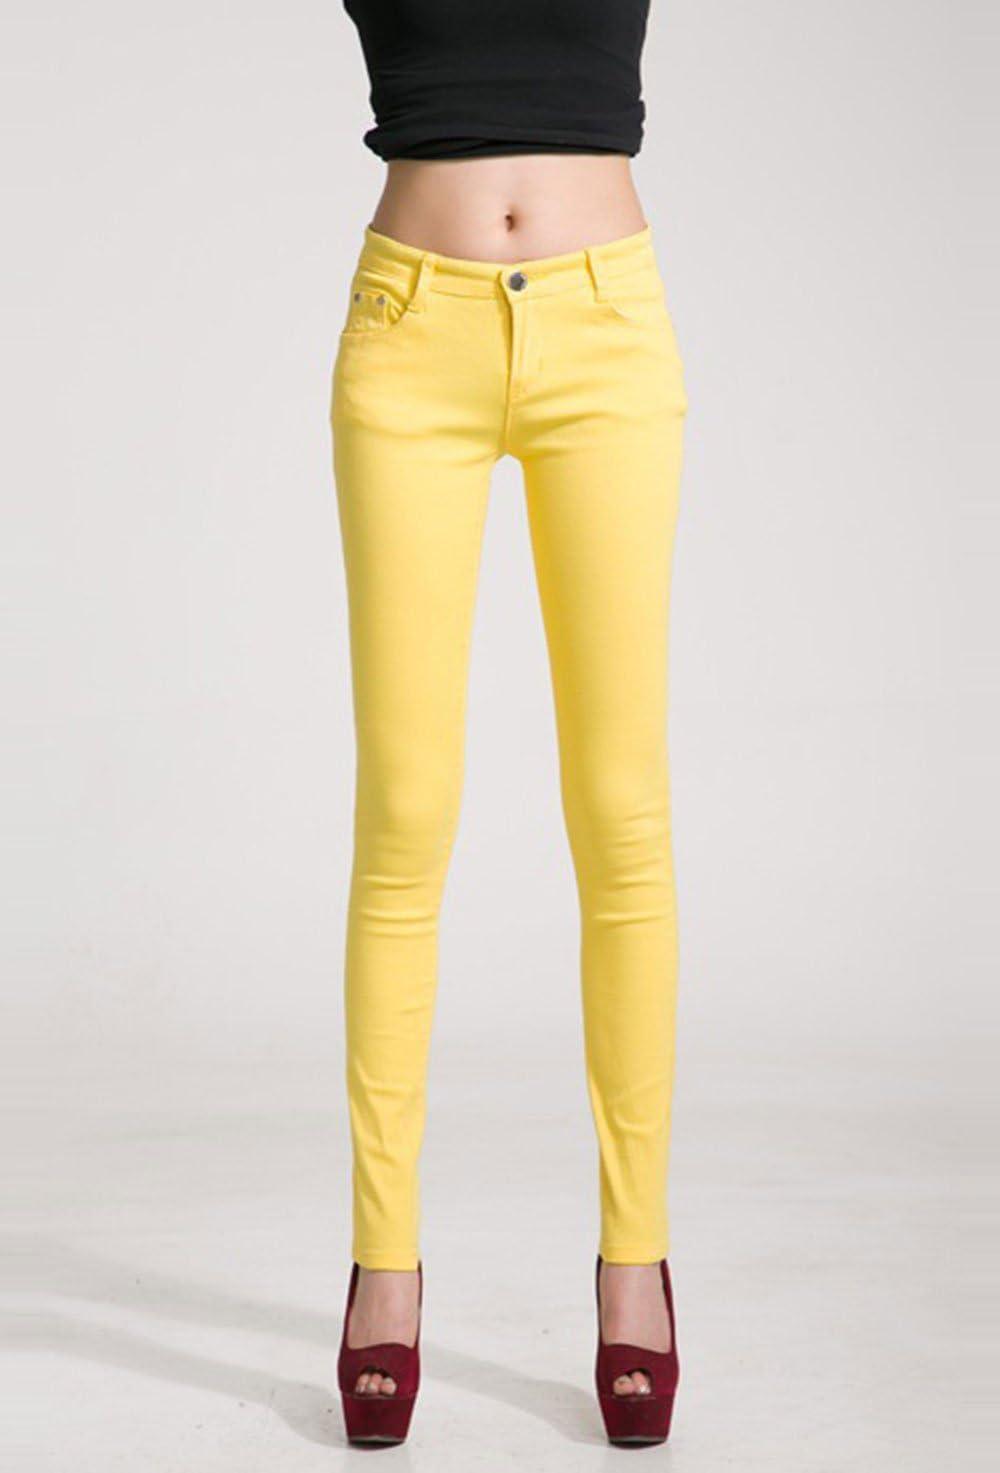 Hoverwin Pantalon Legging Femme Blanc,Noir,Taille Haute,Jean Elasthanne,Grande Taille Marine, 25 Minceur,Leggings Long Femme Slim Stretch,Multi-Couleur,Respirant,Elastique et Confortable